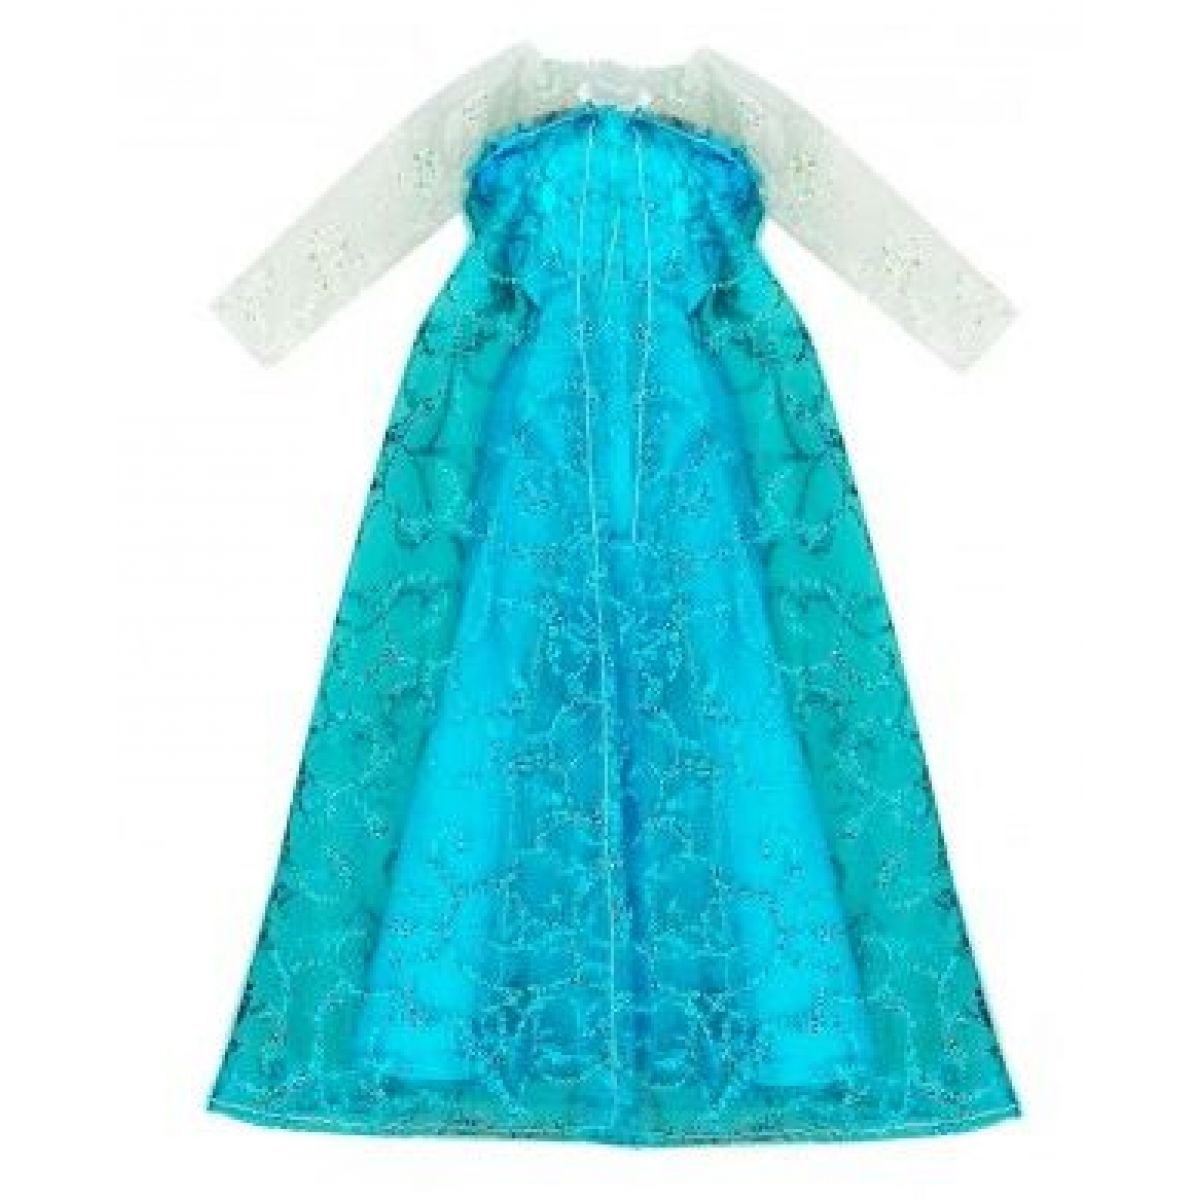 Rappa oblečenie pre bábiku zimné kráľovstvo modré s bielymi rukávmi